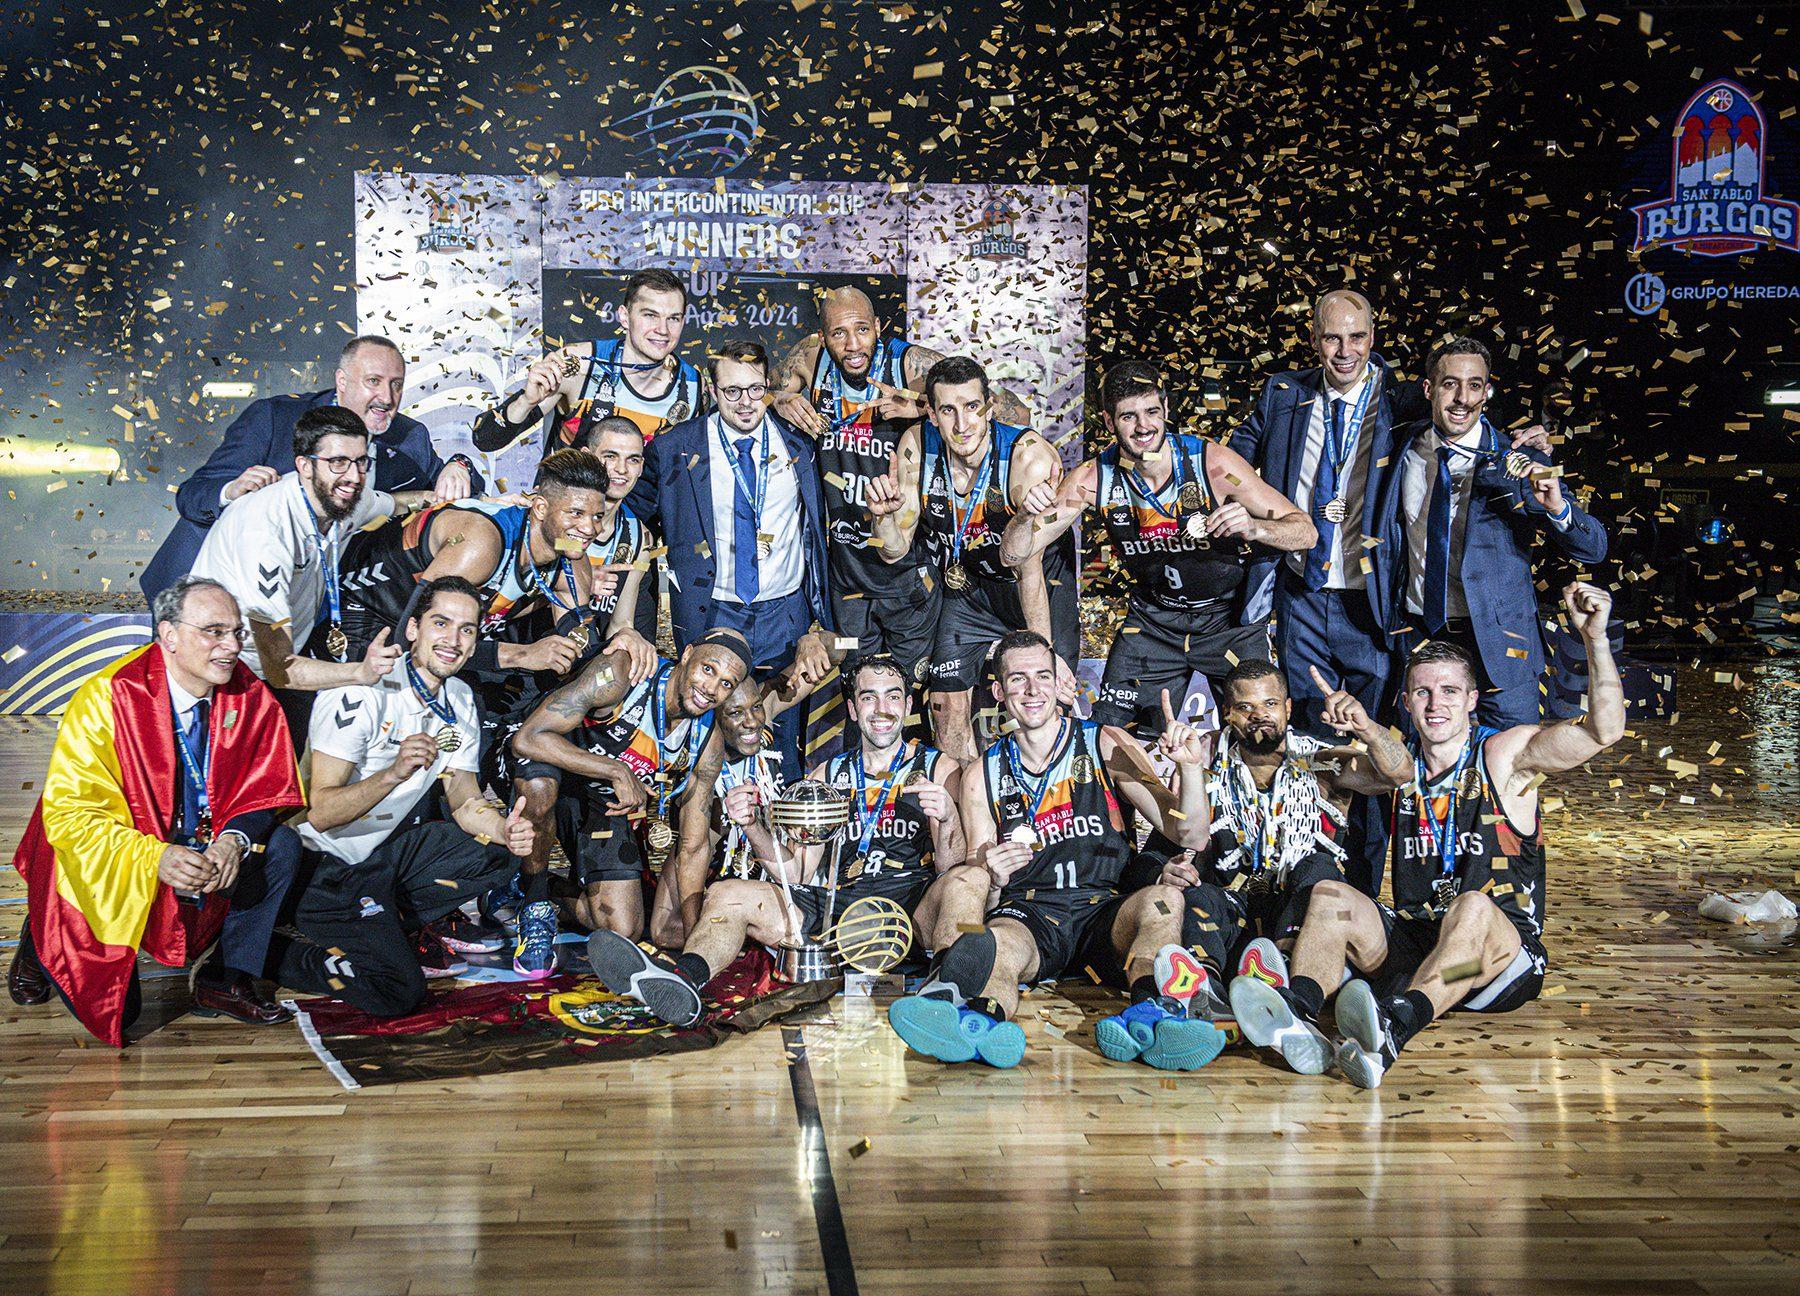 La trayectoria del baloncesto en Burgos: una década de auténtica locura hasta la Intercontinental